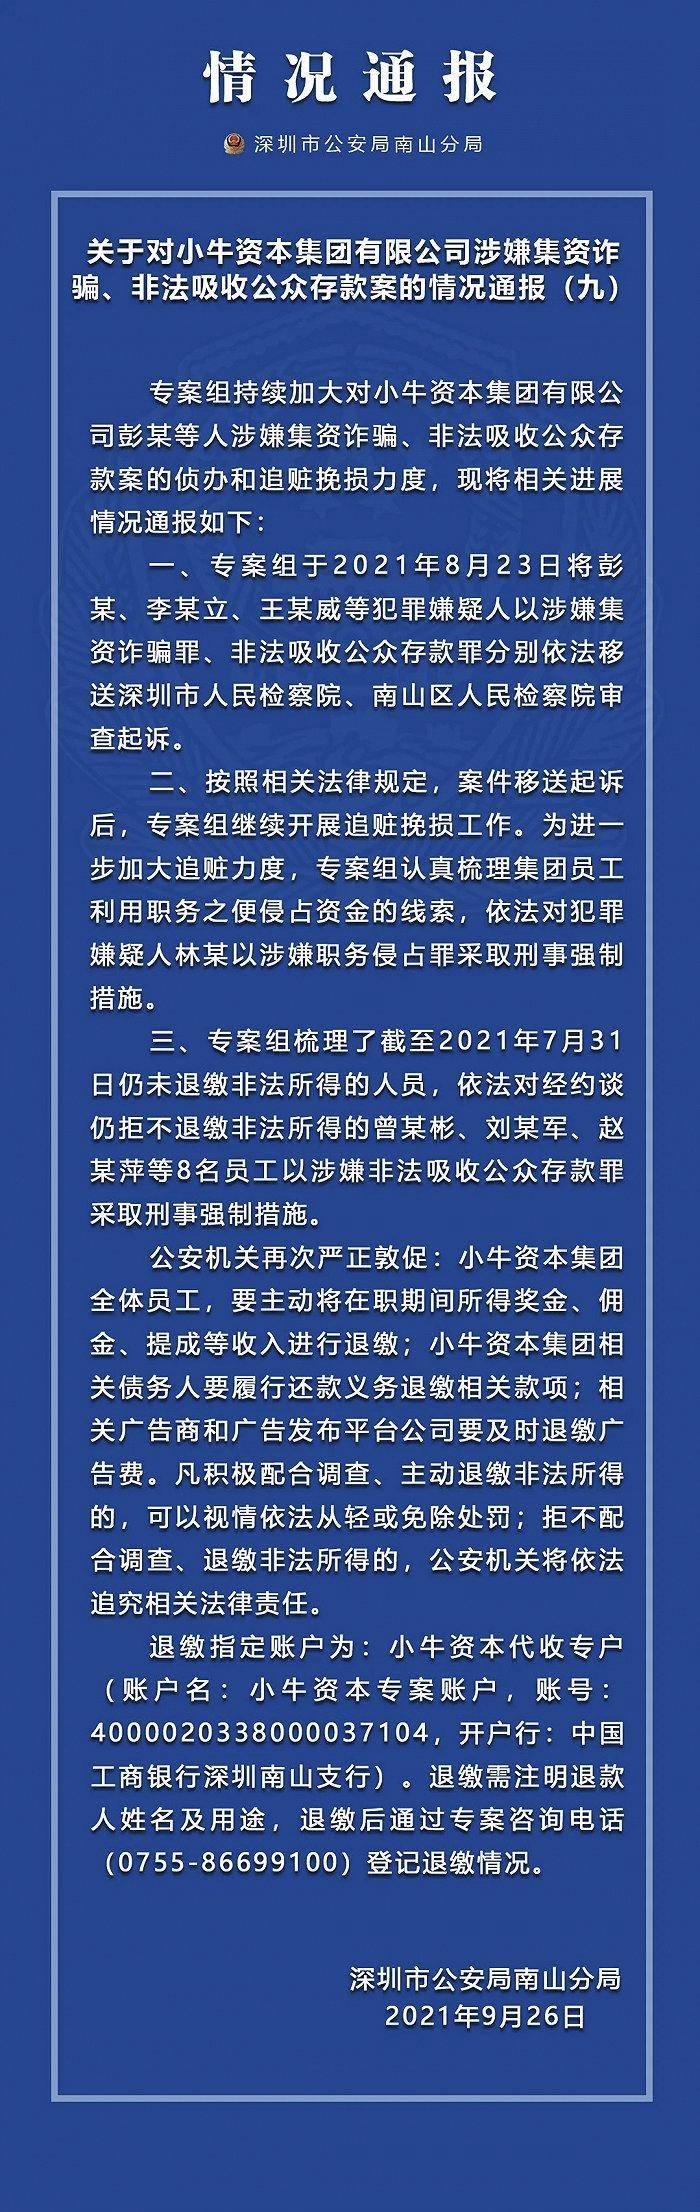 千亿平台暴雷,多名负责人被起诉!公安再次喊话:全体员工抓紧退...